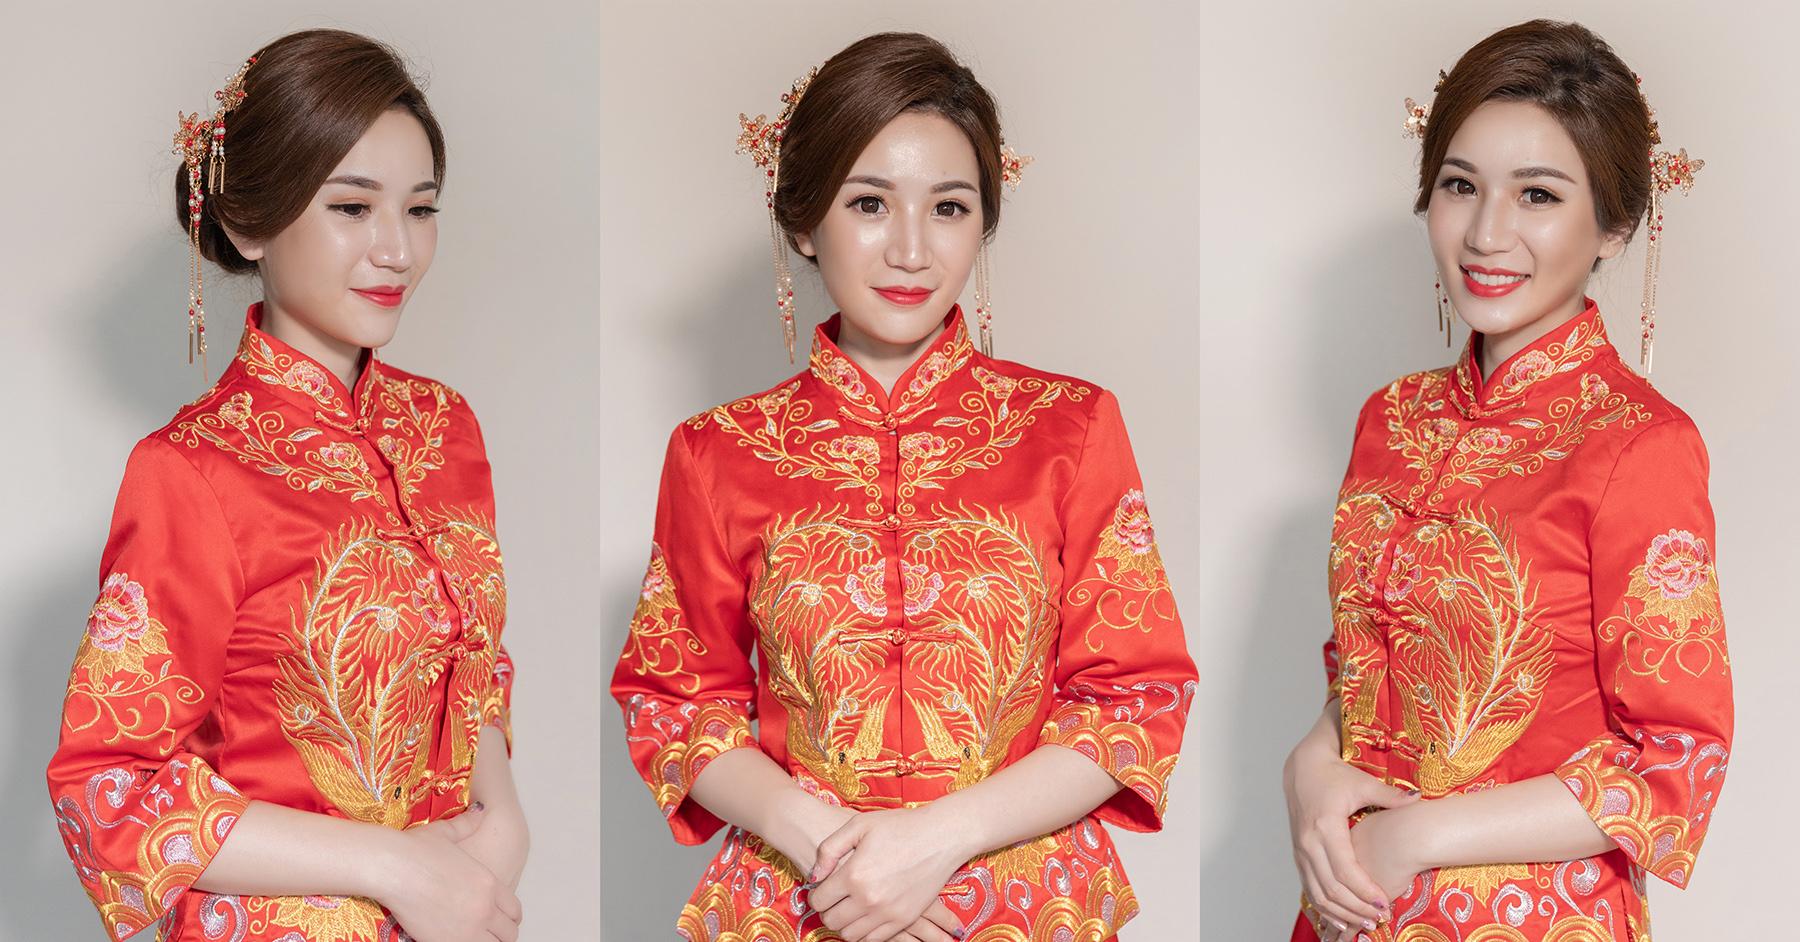 新娘造型, 新娘髮型, 盤髮造型, 高雄新秘, 秀禾服造型, 秀禾服, 中式造型, 秀禾服髮型, 新秘Yuki, 好媳婦造型